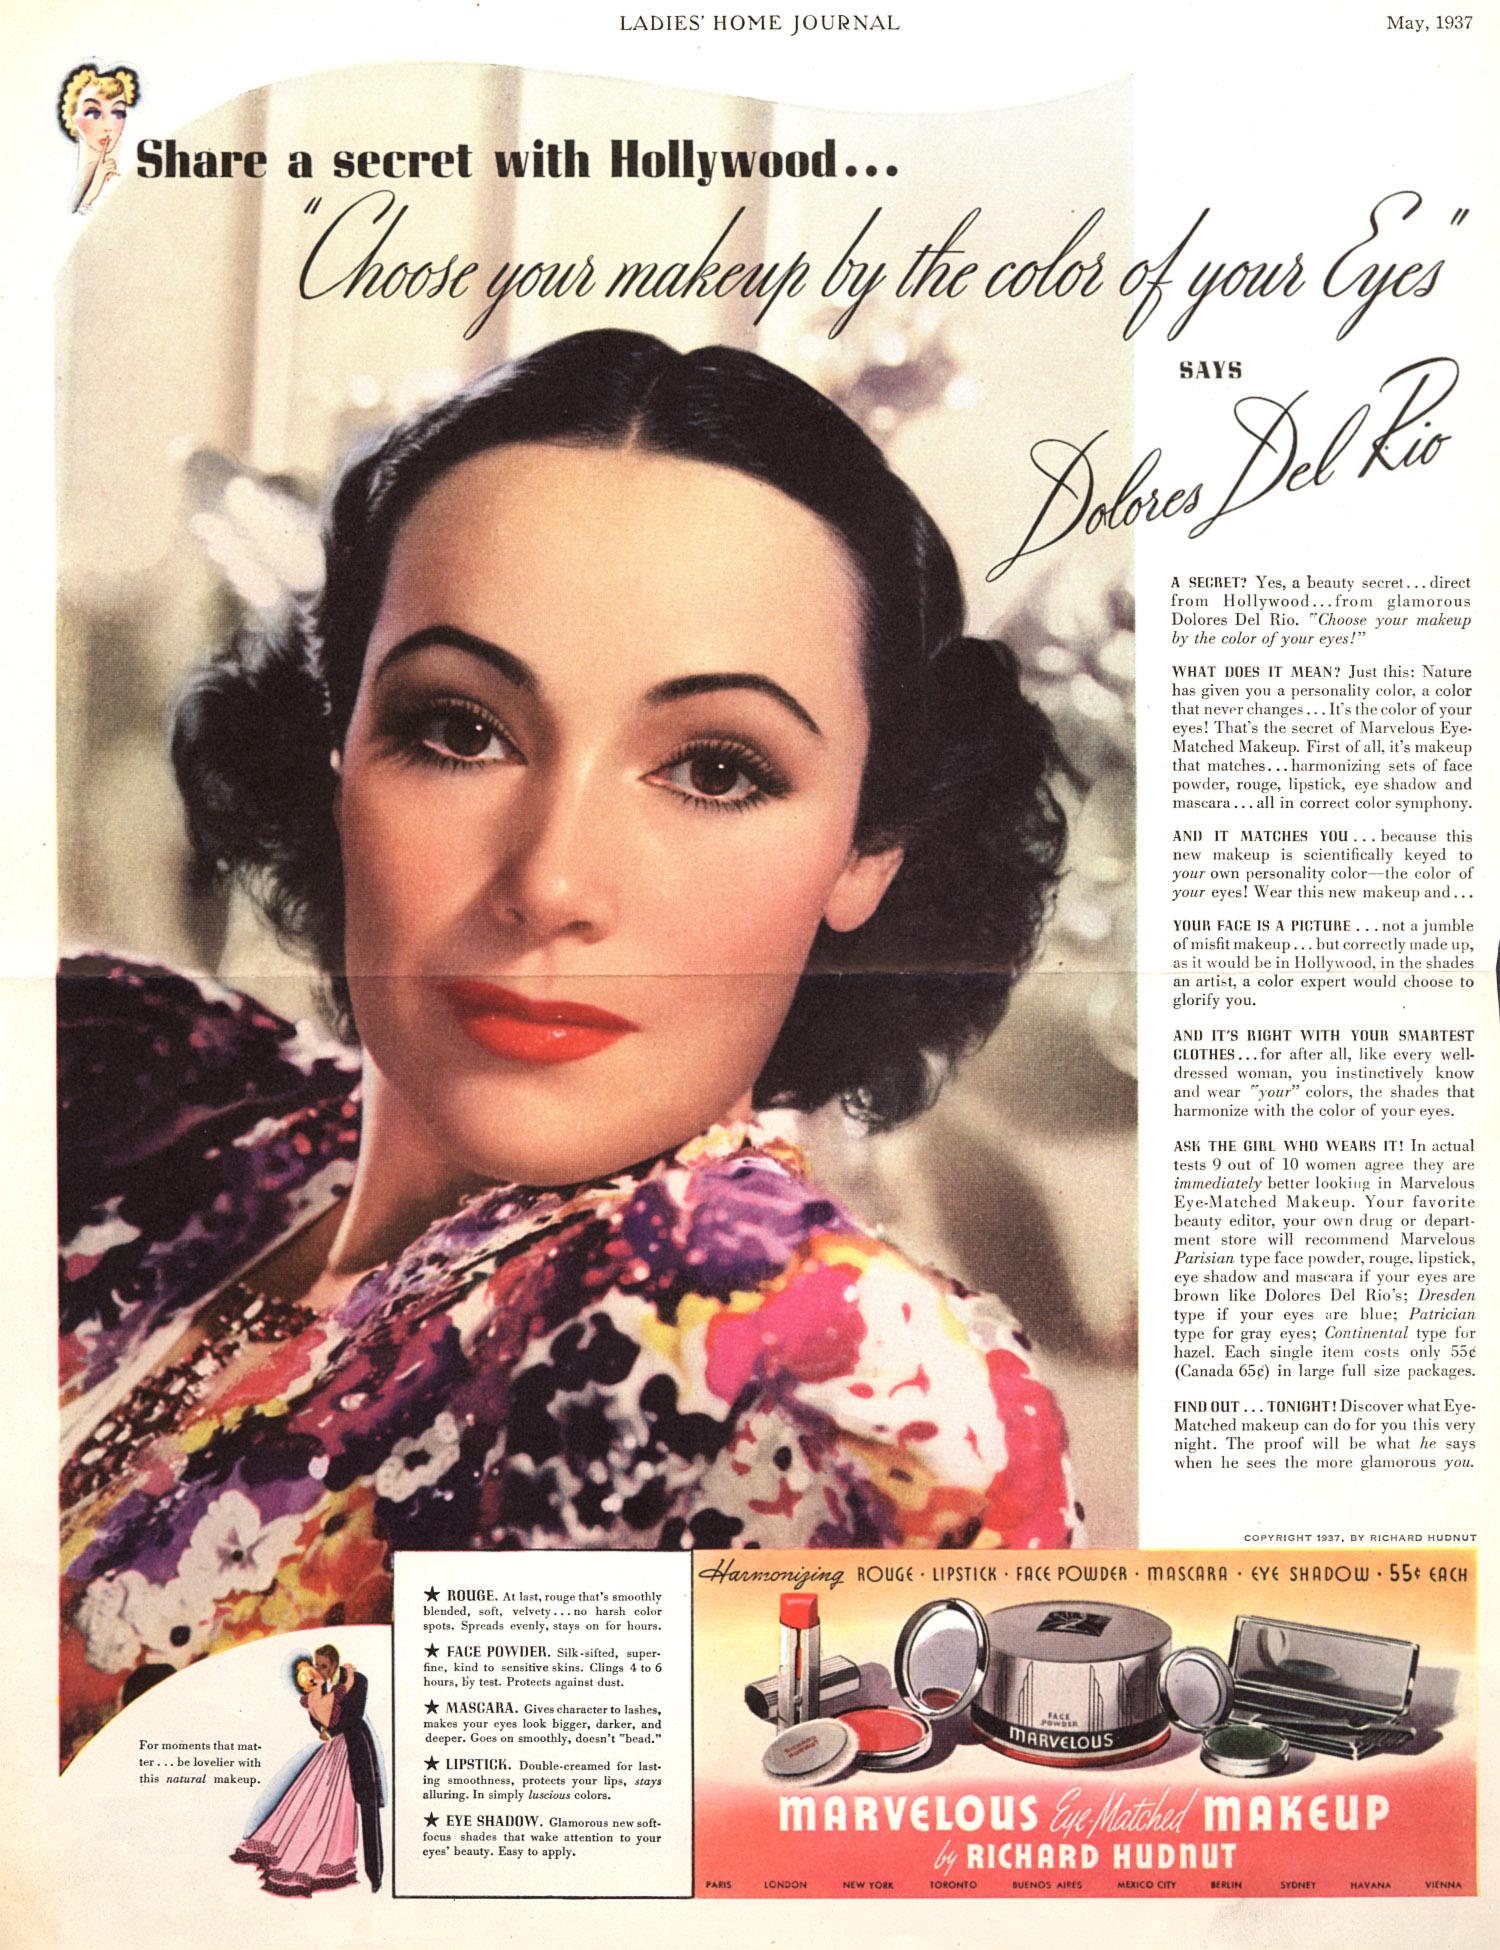 1937-Ladies Home Jurnal